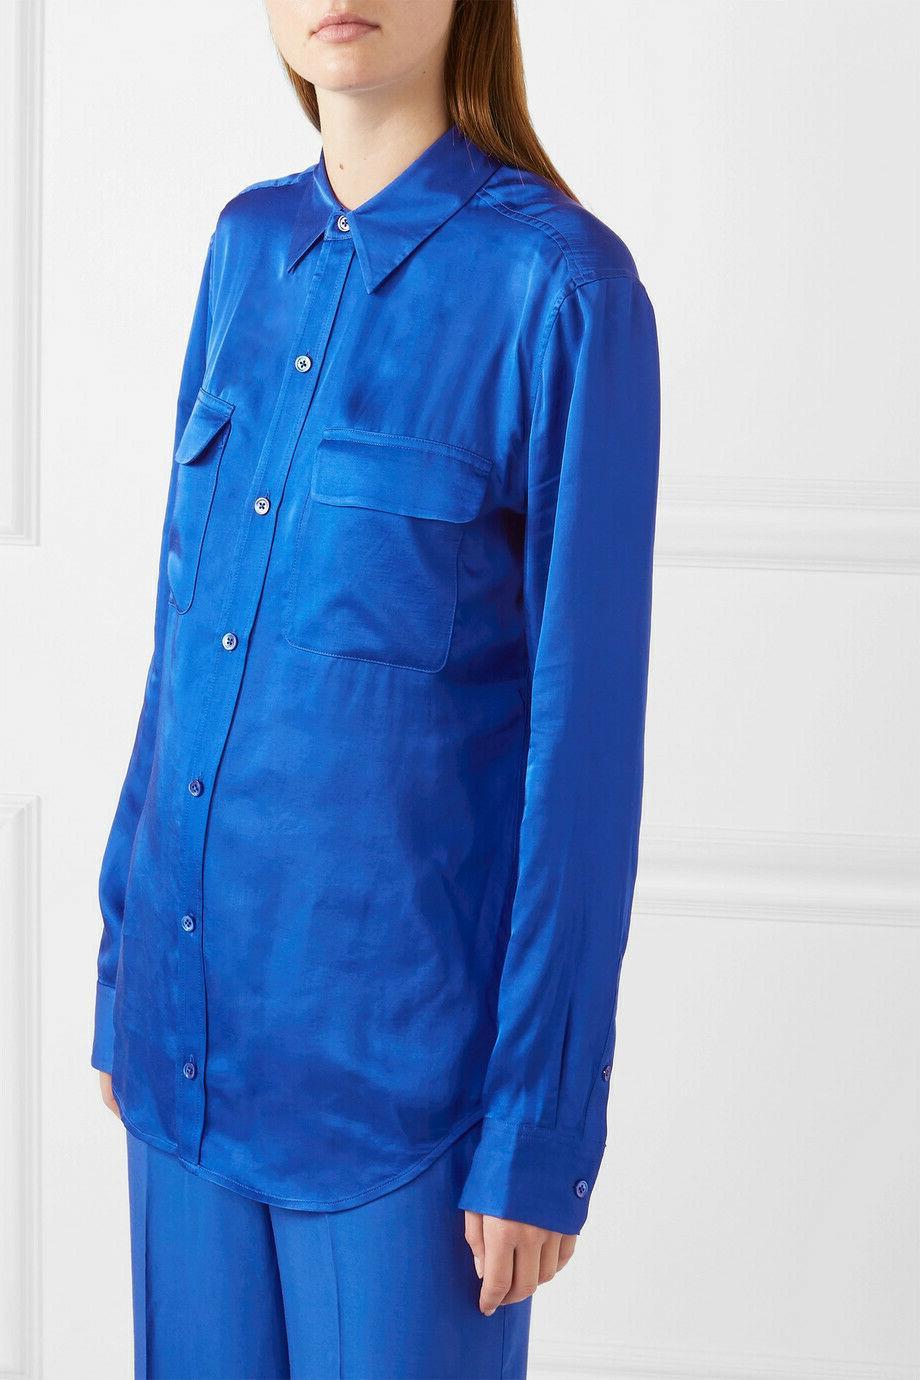 NWOT $230 Blue S